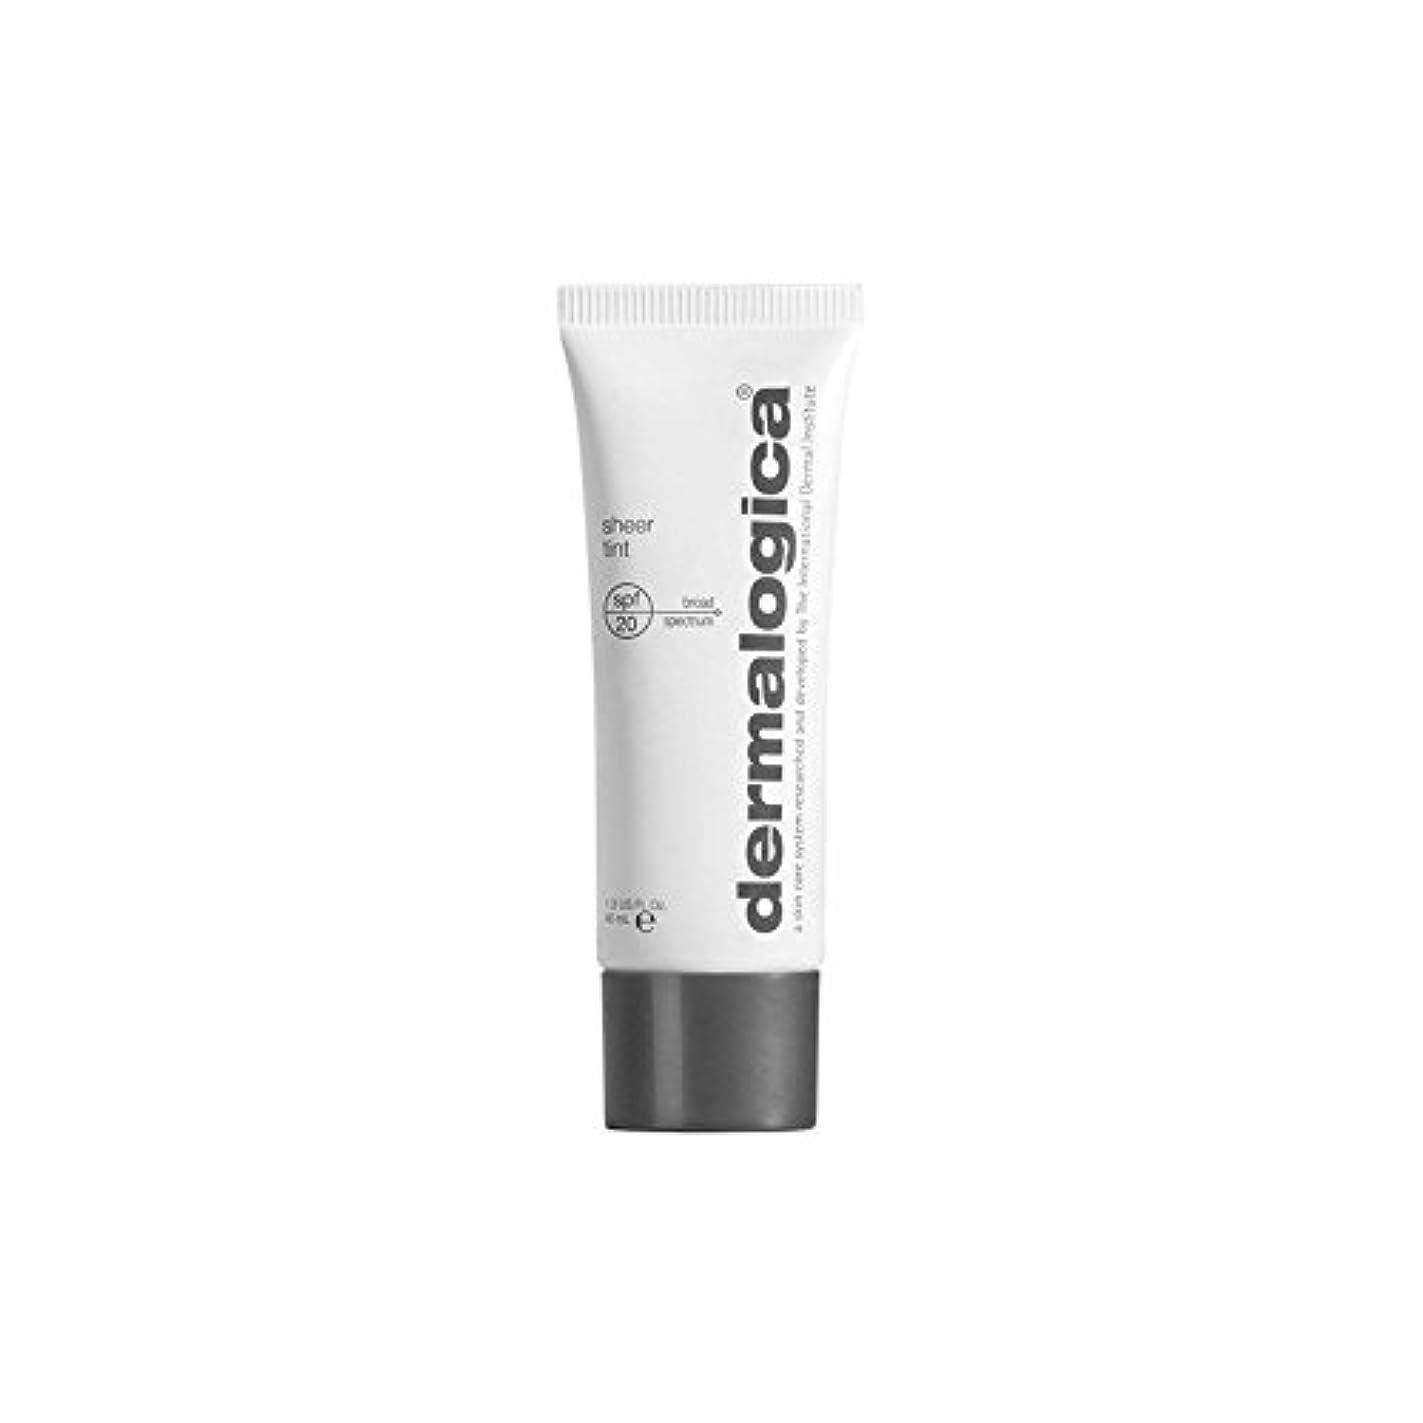 優しいクック胴体Dermalogica Dark Sheer Tint Moisture (40ml) (Pack of 6) - ダーマロジカ暗い色合い薄手の水分(40ミリリットル) x6 [並行輸入品]